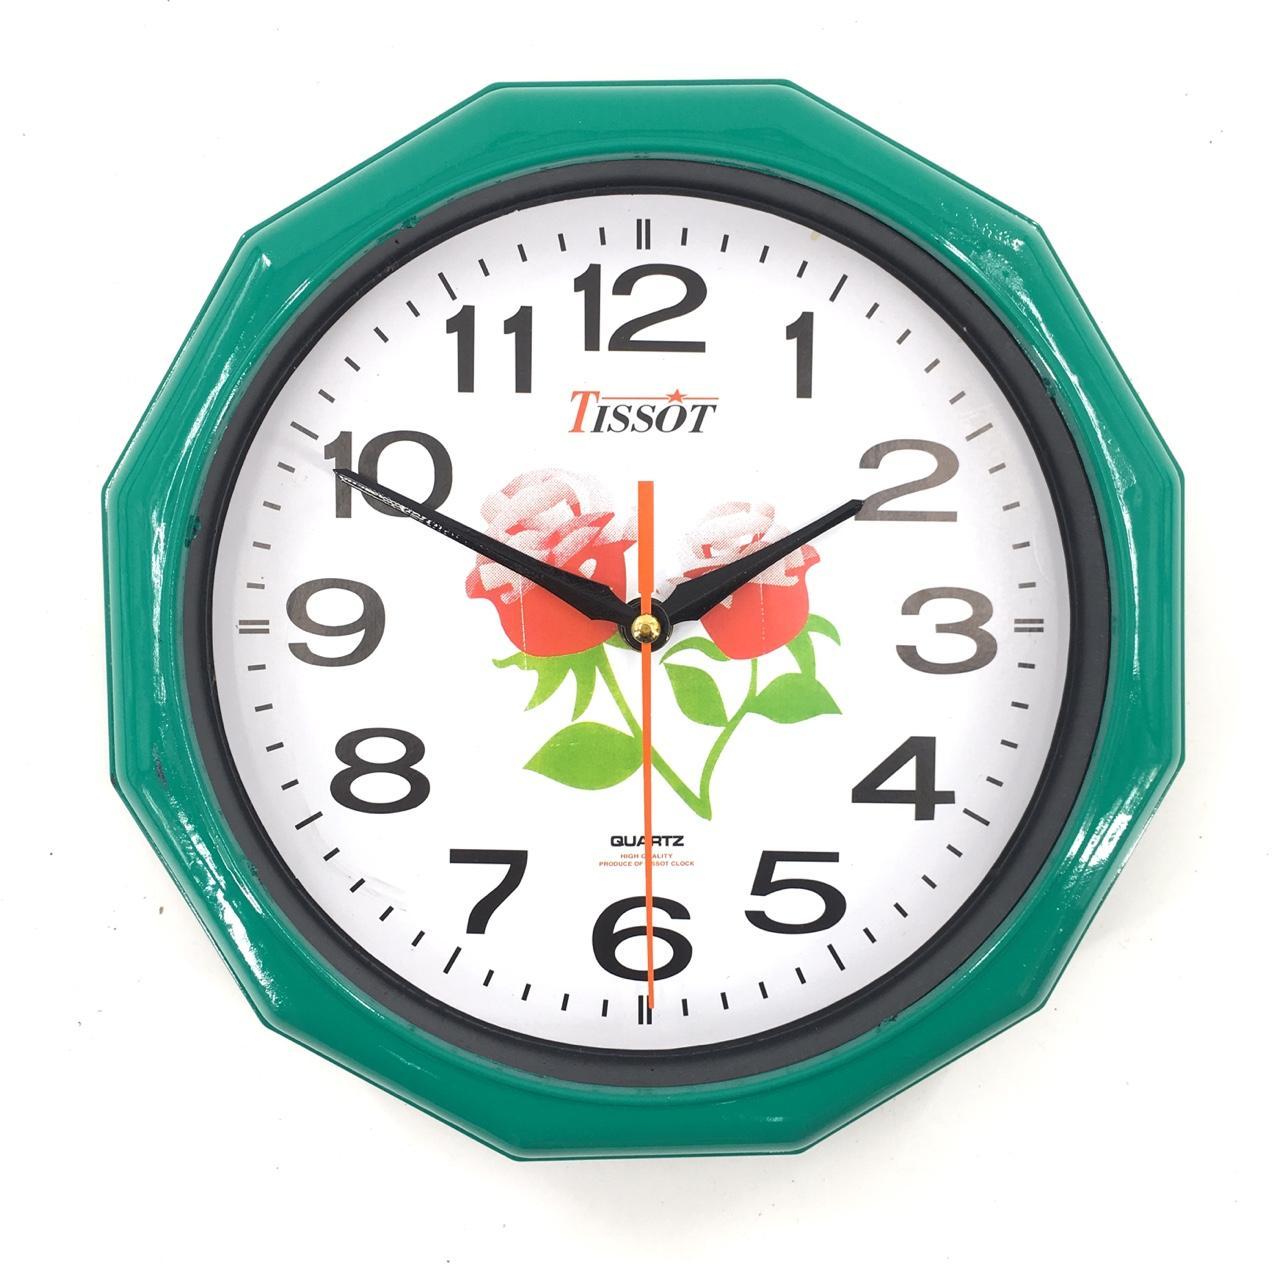 [Vati] Đồng hồ treo tường S02 (nhiều màu) bán chạy